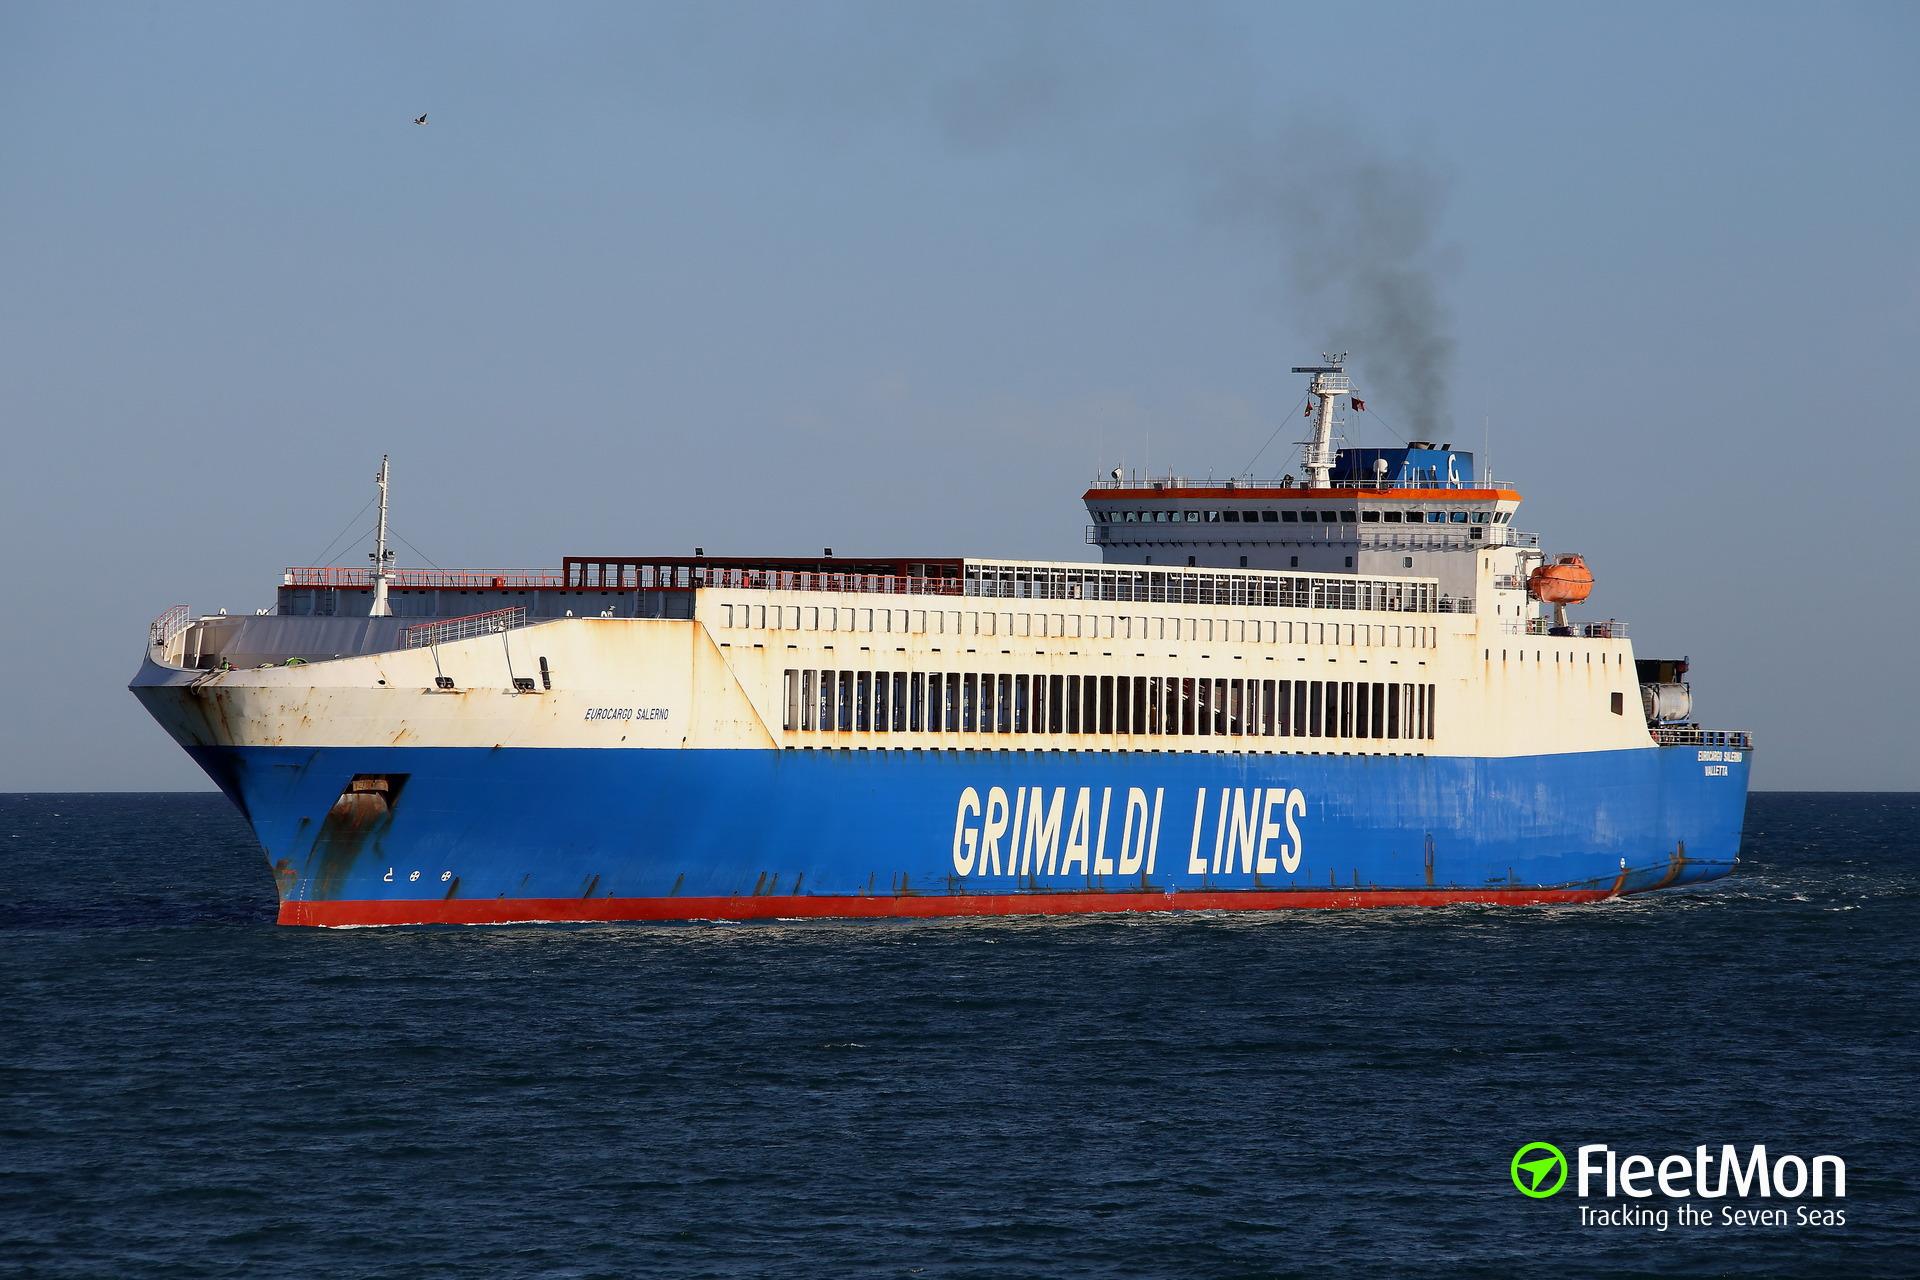 Nigerian Navy arrested Grimaldi's ro-ro Eurocargo Salerno suspecting toxic wastes on board